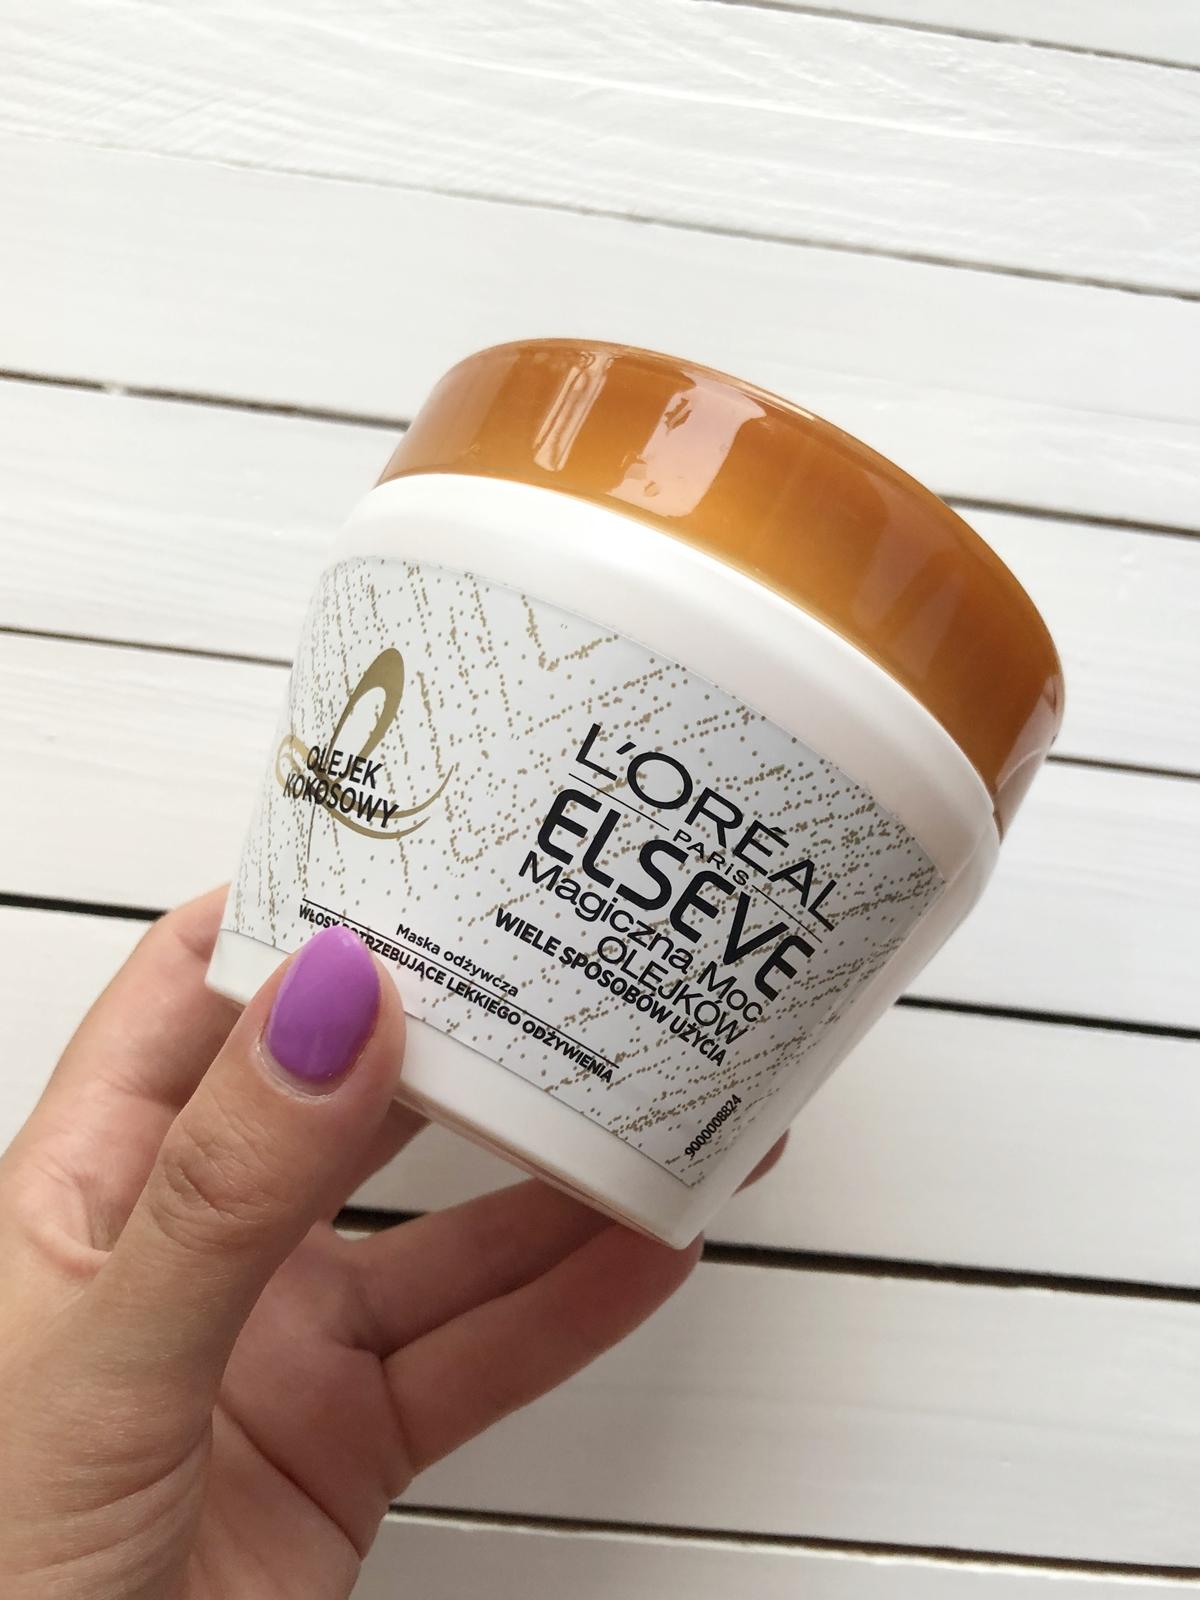 L`Oreal Paris - Elseve - Magiczna Moc Olejków - Maska odżywcza z olejkiem kokosowym | VEXGIRL - beauty and lifestyle blog